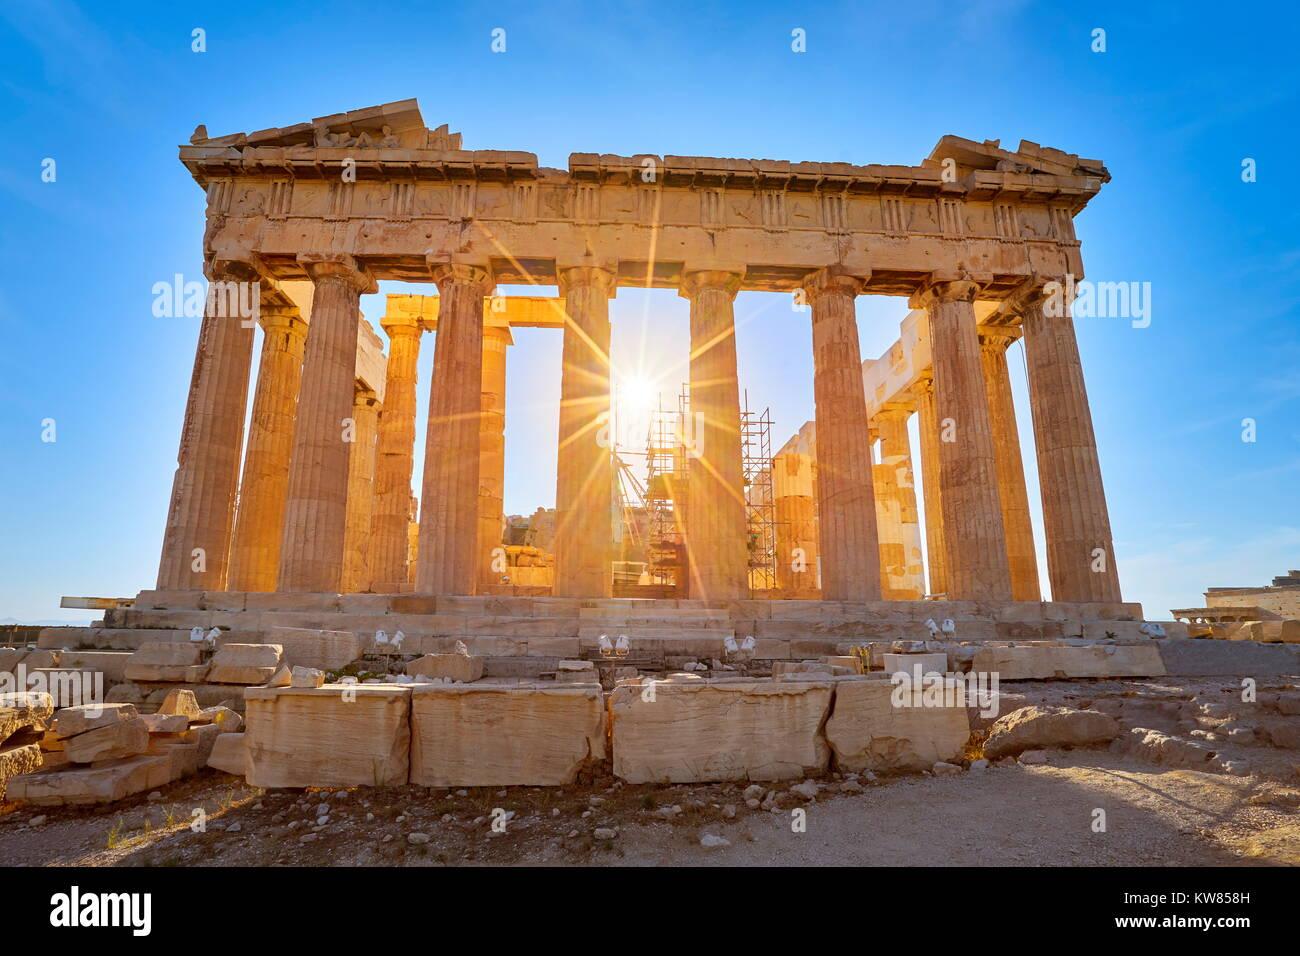 Parthenon at sunset time, Acropolis, Athens, Greece - Stock Image